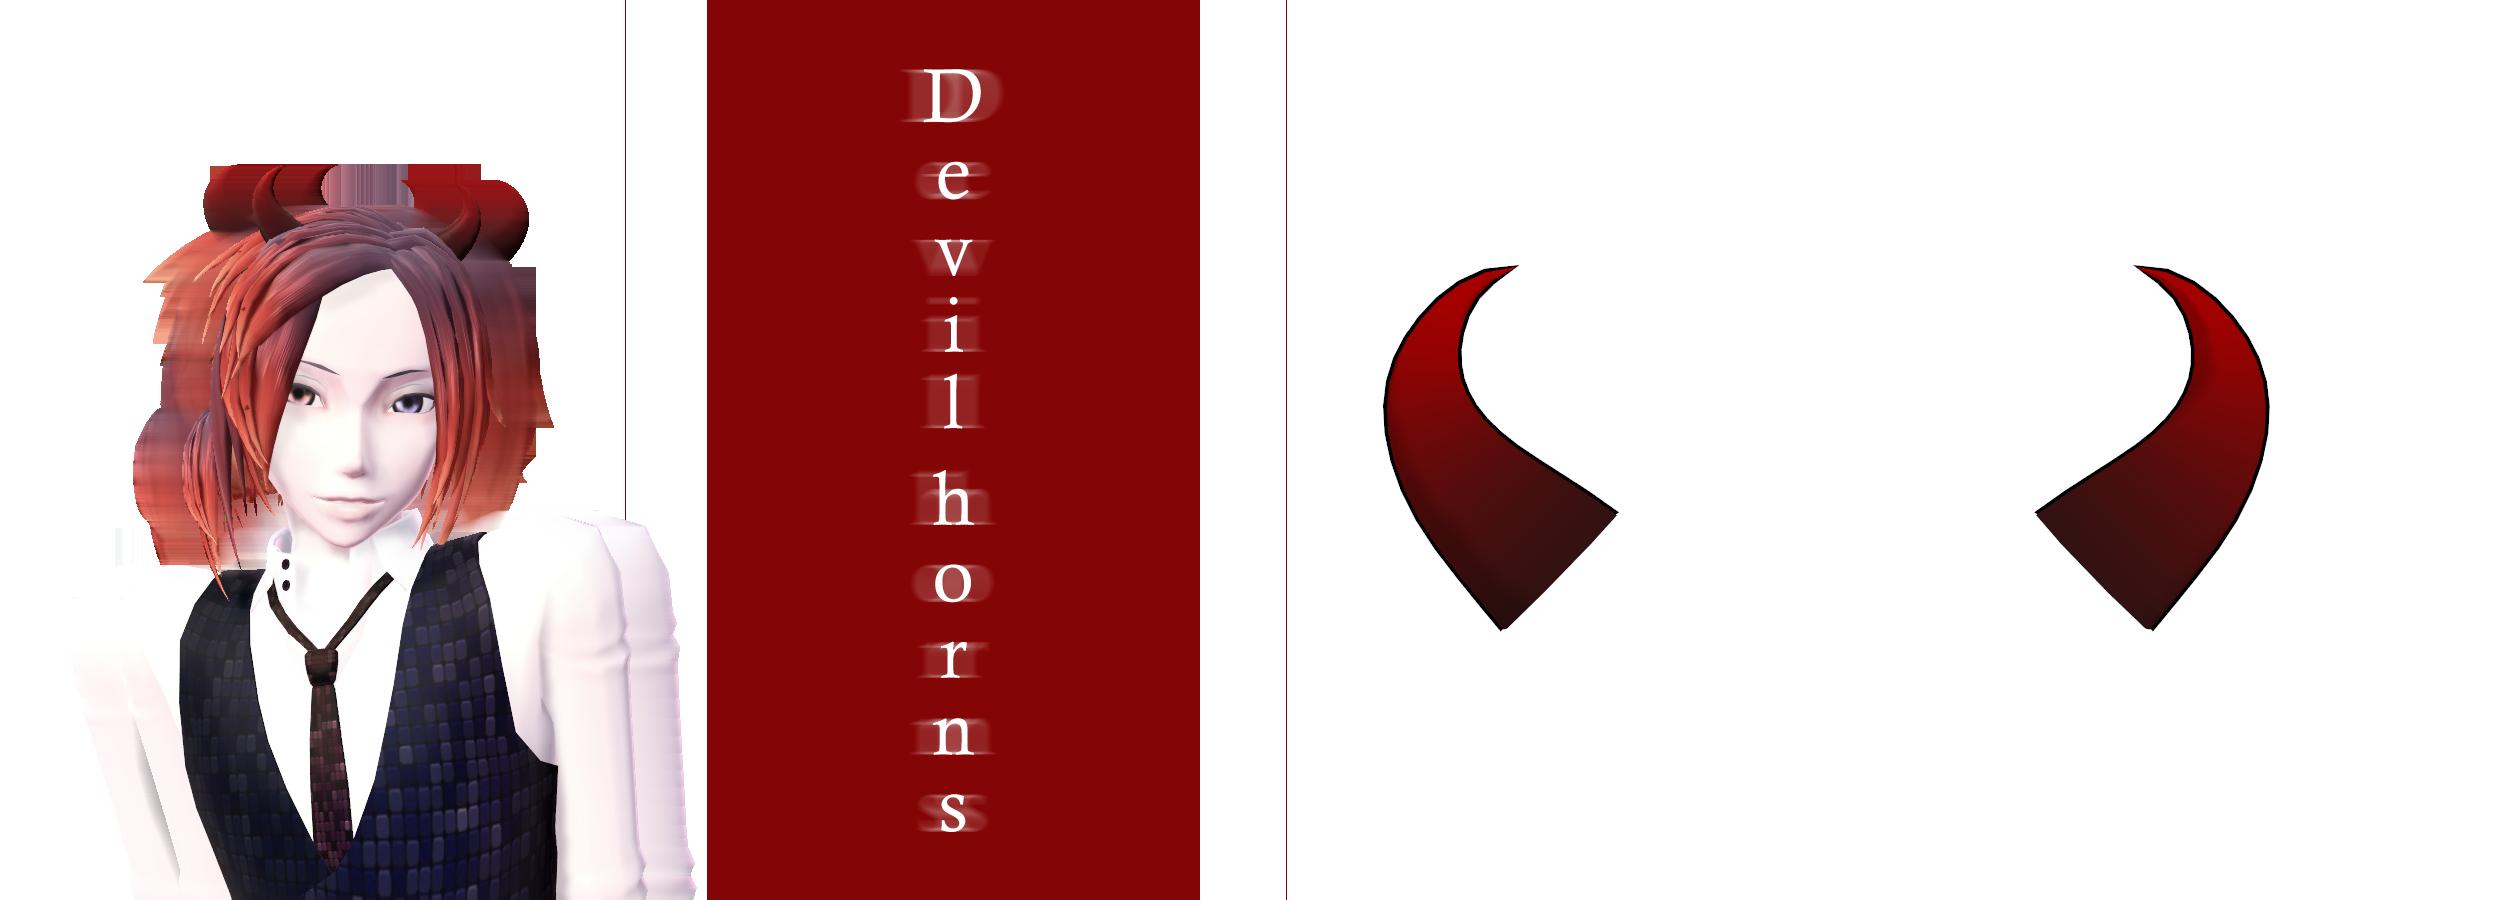 [MMD] Devil horns DL by JoanAgnes on DeviantArt